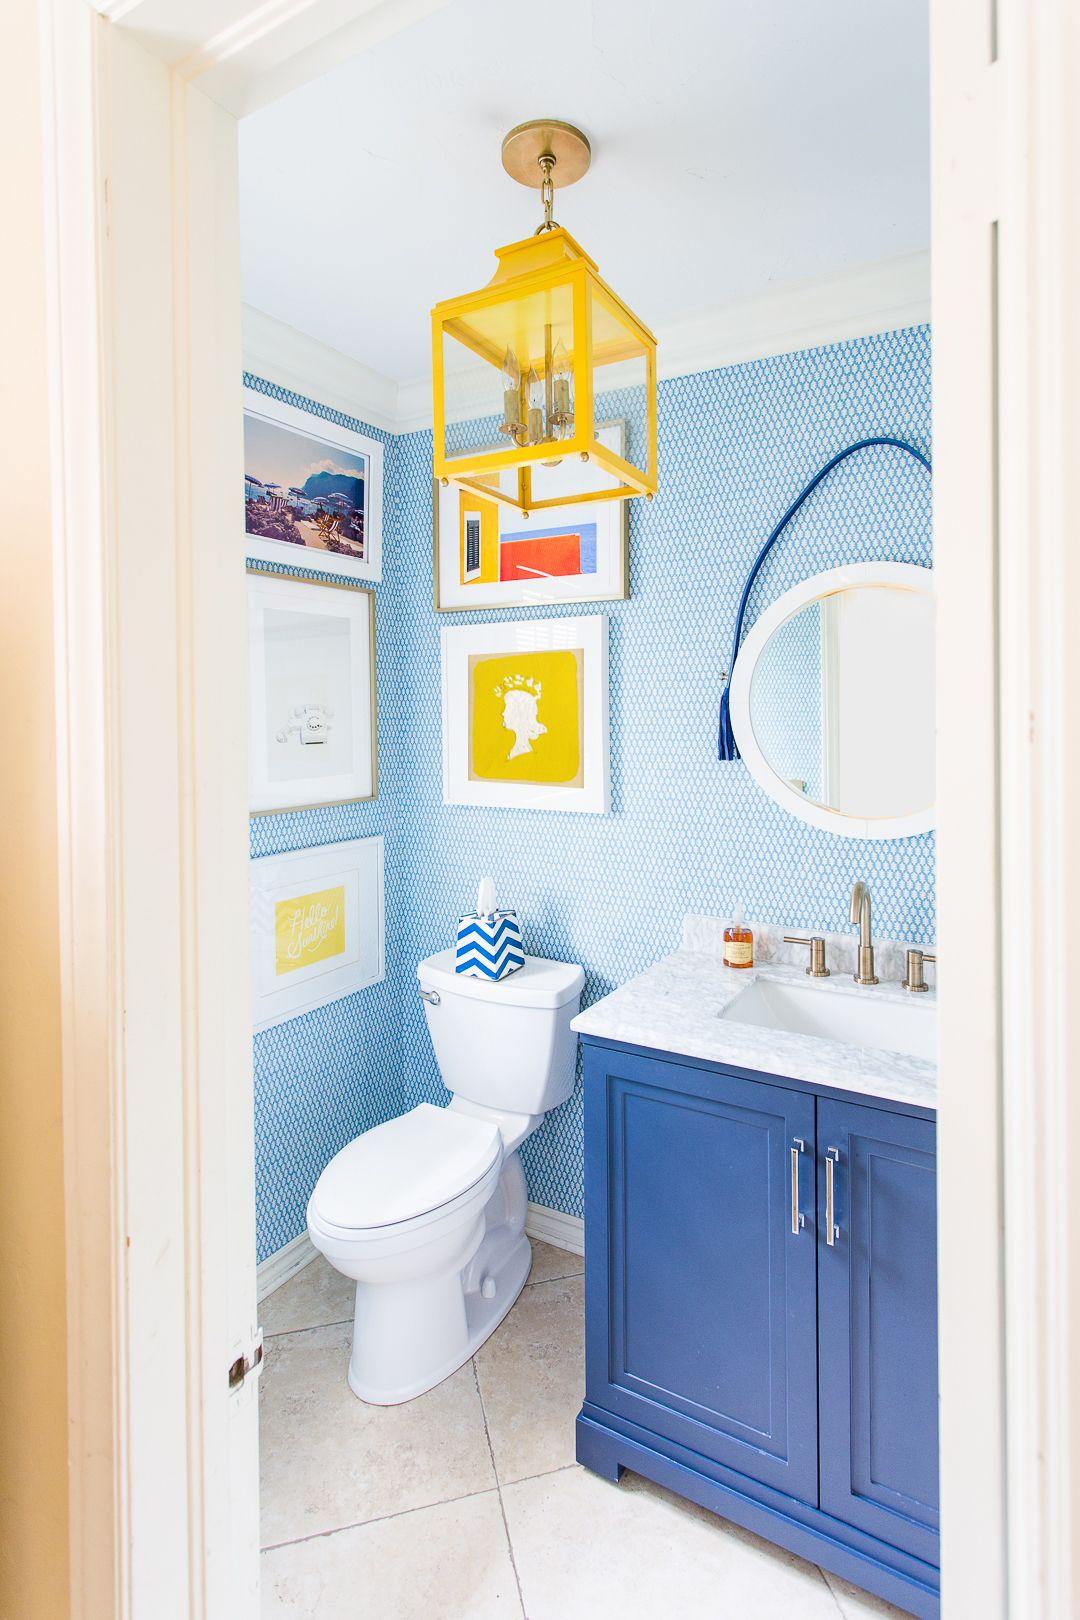 Powder bathroom reveal!  Pencil Shavings Studio  Yellow bathroom